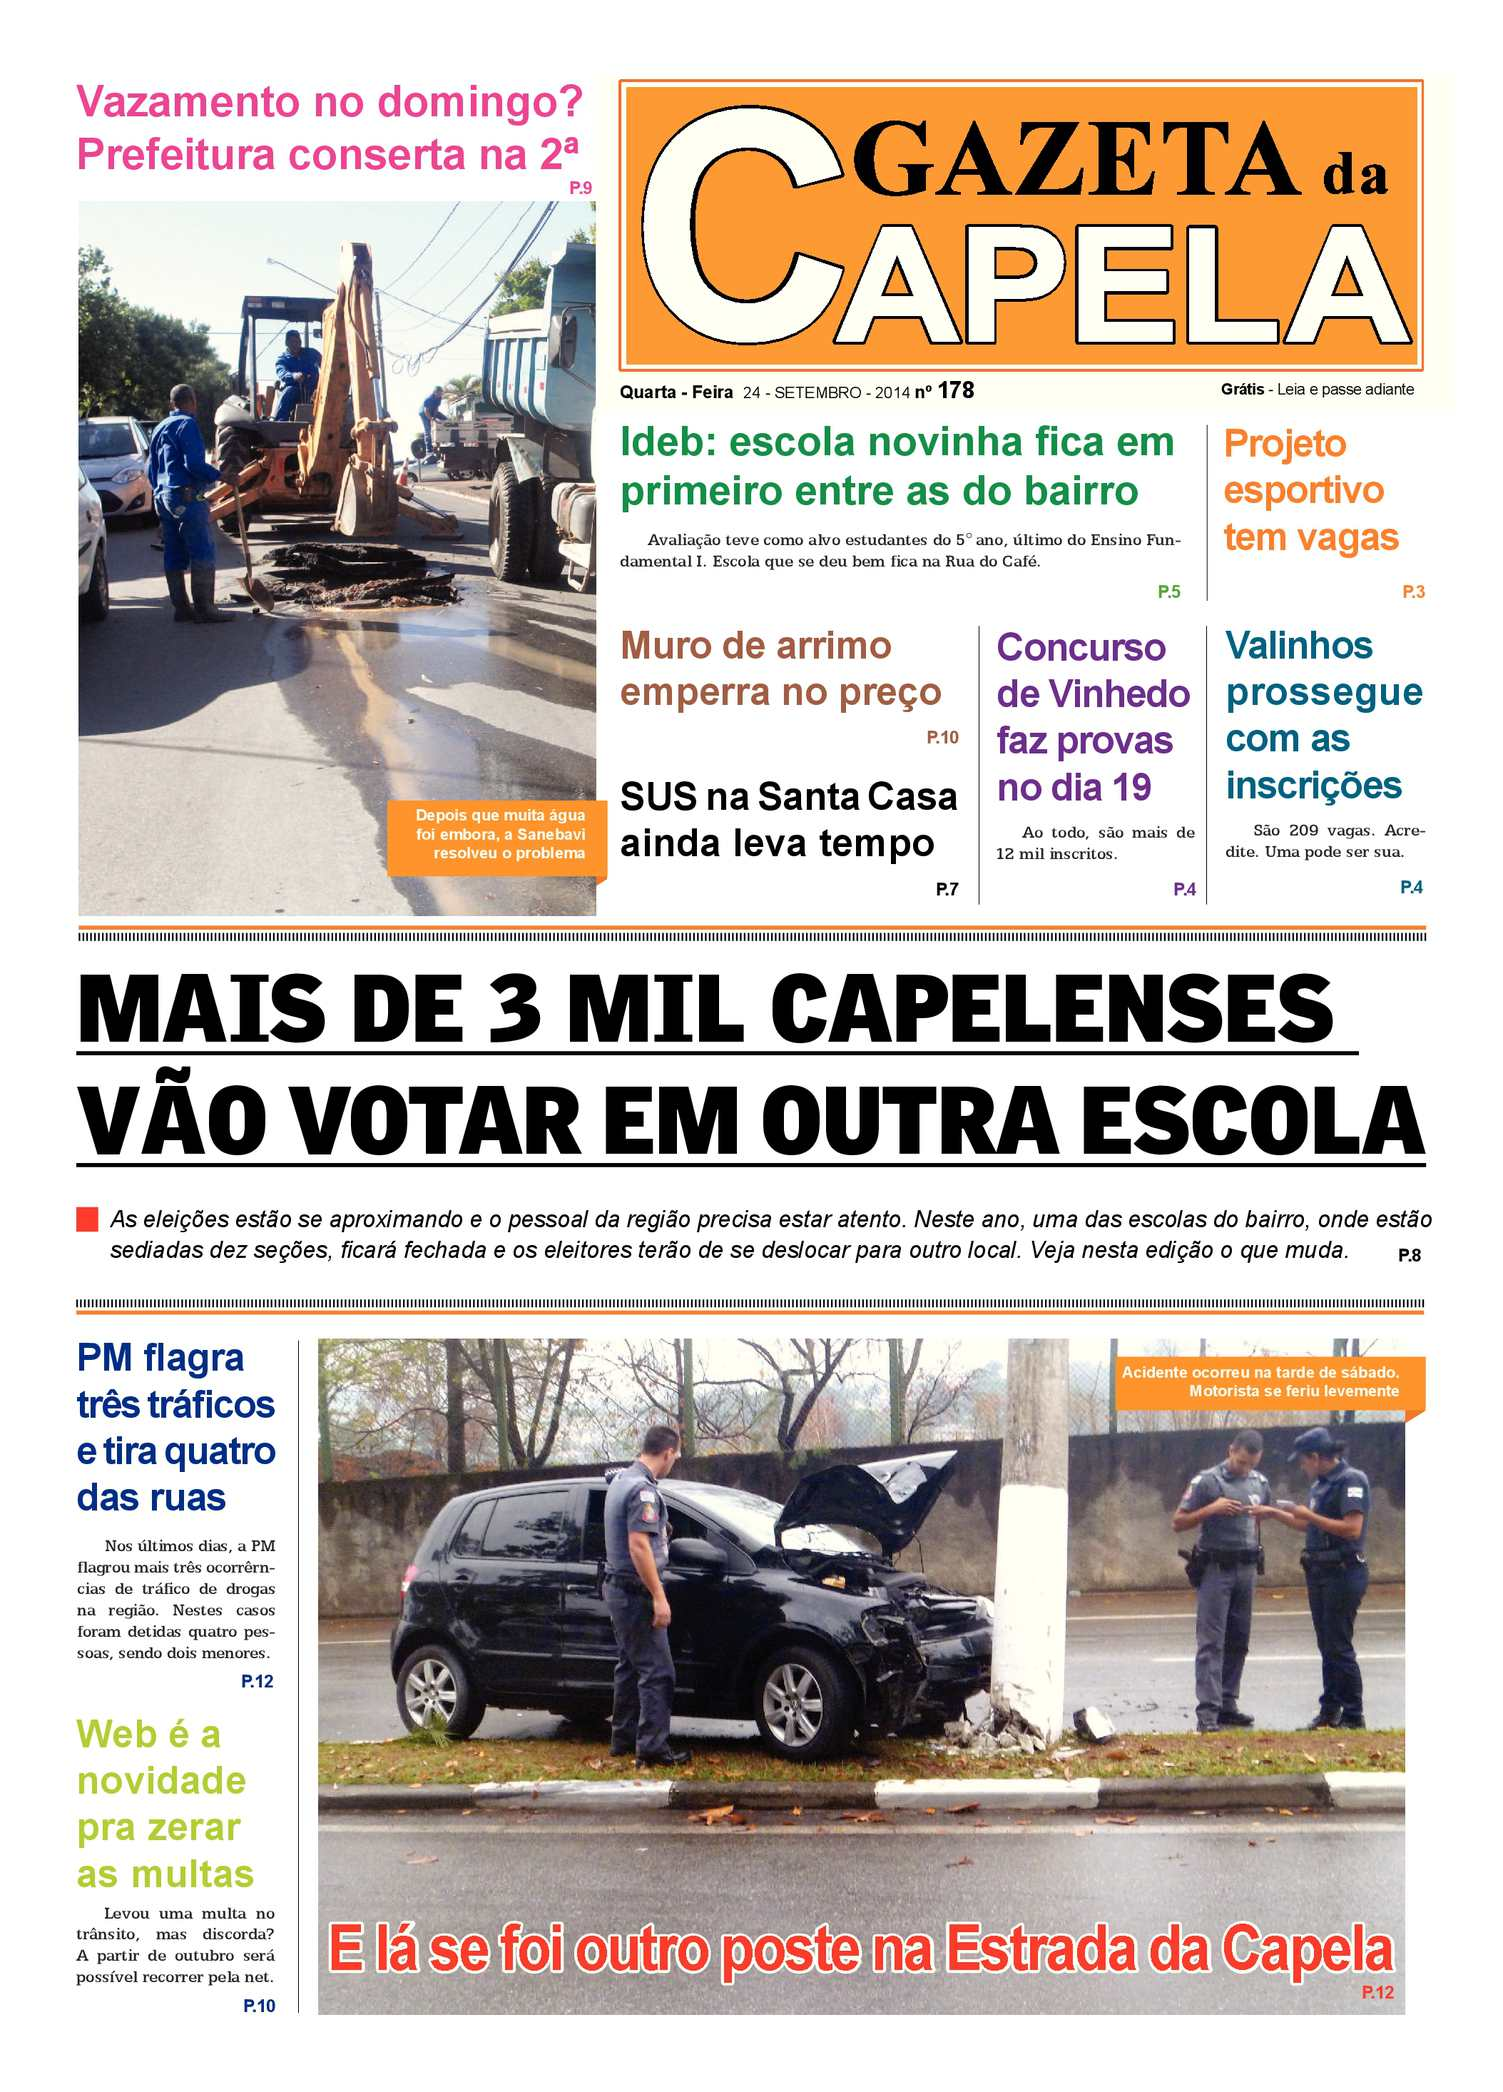 Calaméo - Gazeta da Capela ace223f531b51